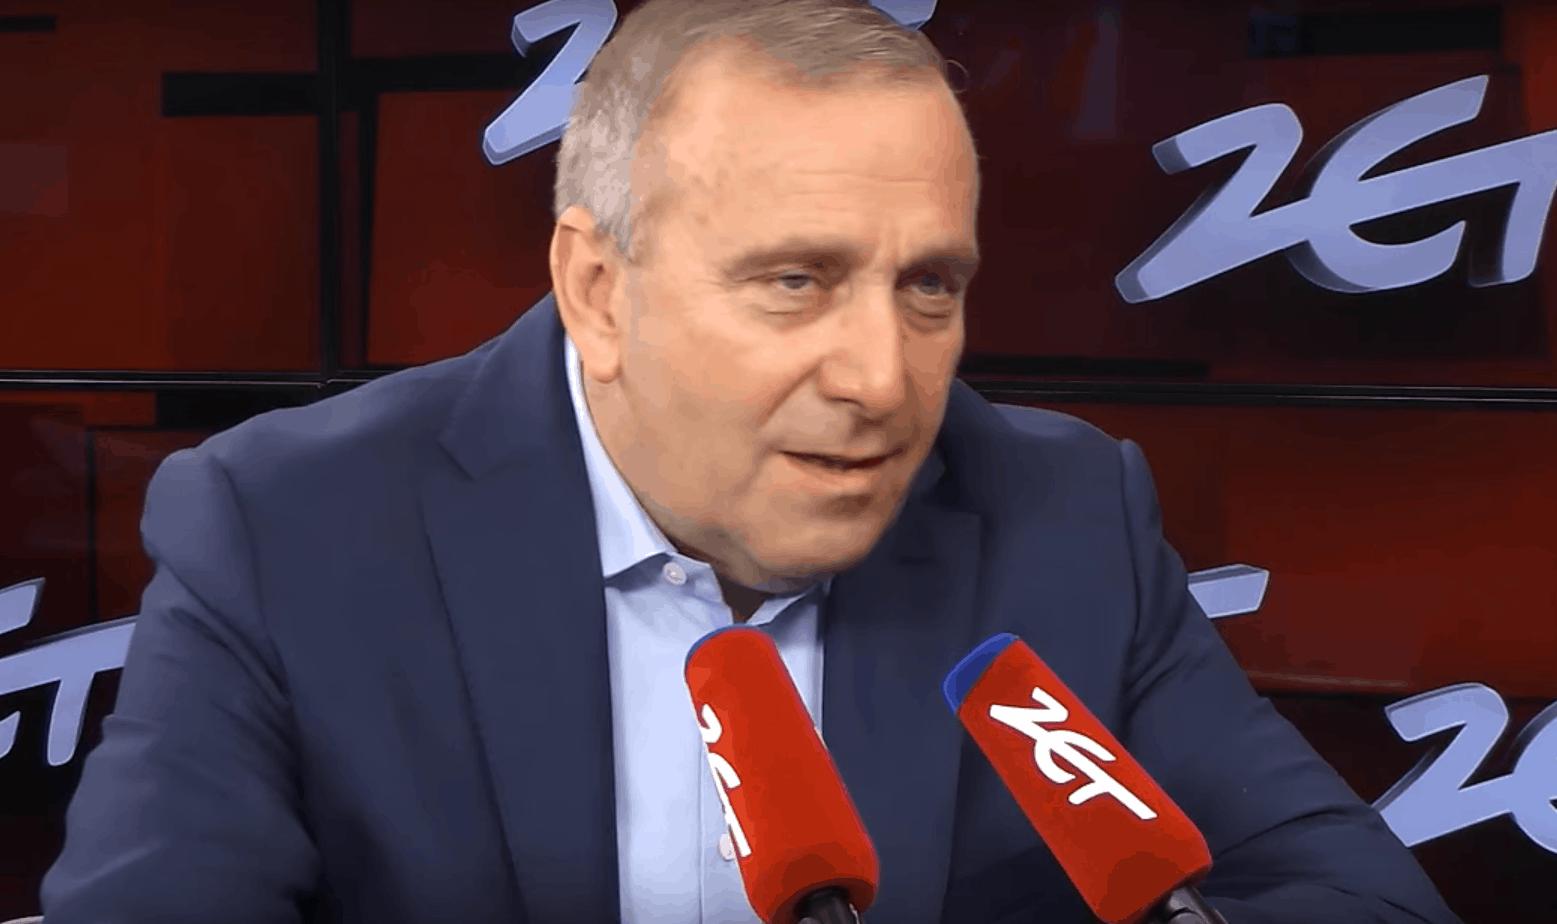 Grzegorz Schetyna po objęciu sterów nad Platformą Obywatelską jeszcze ani razu nie zdołał pokonać ugrupowania Jarosława Kaczyńskiego, a więc PiS.